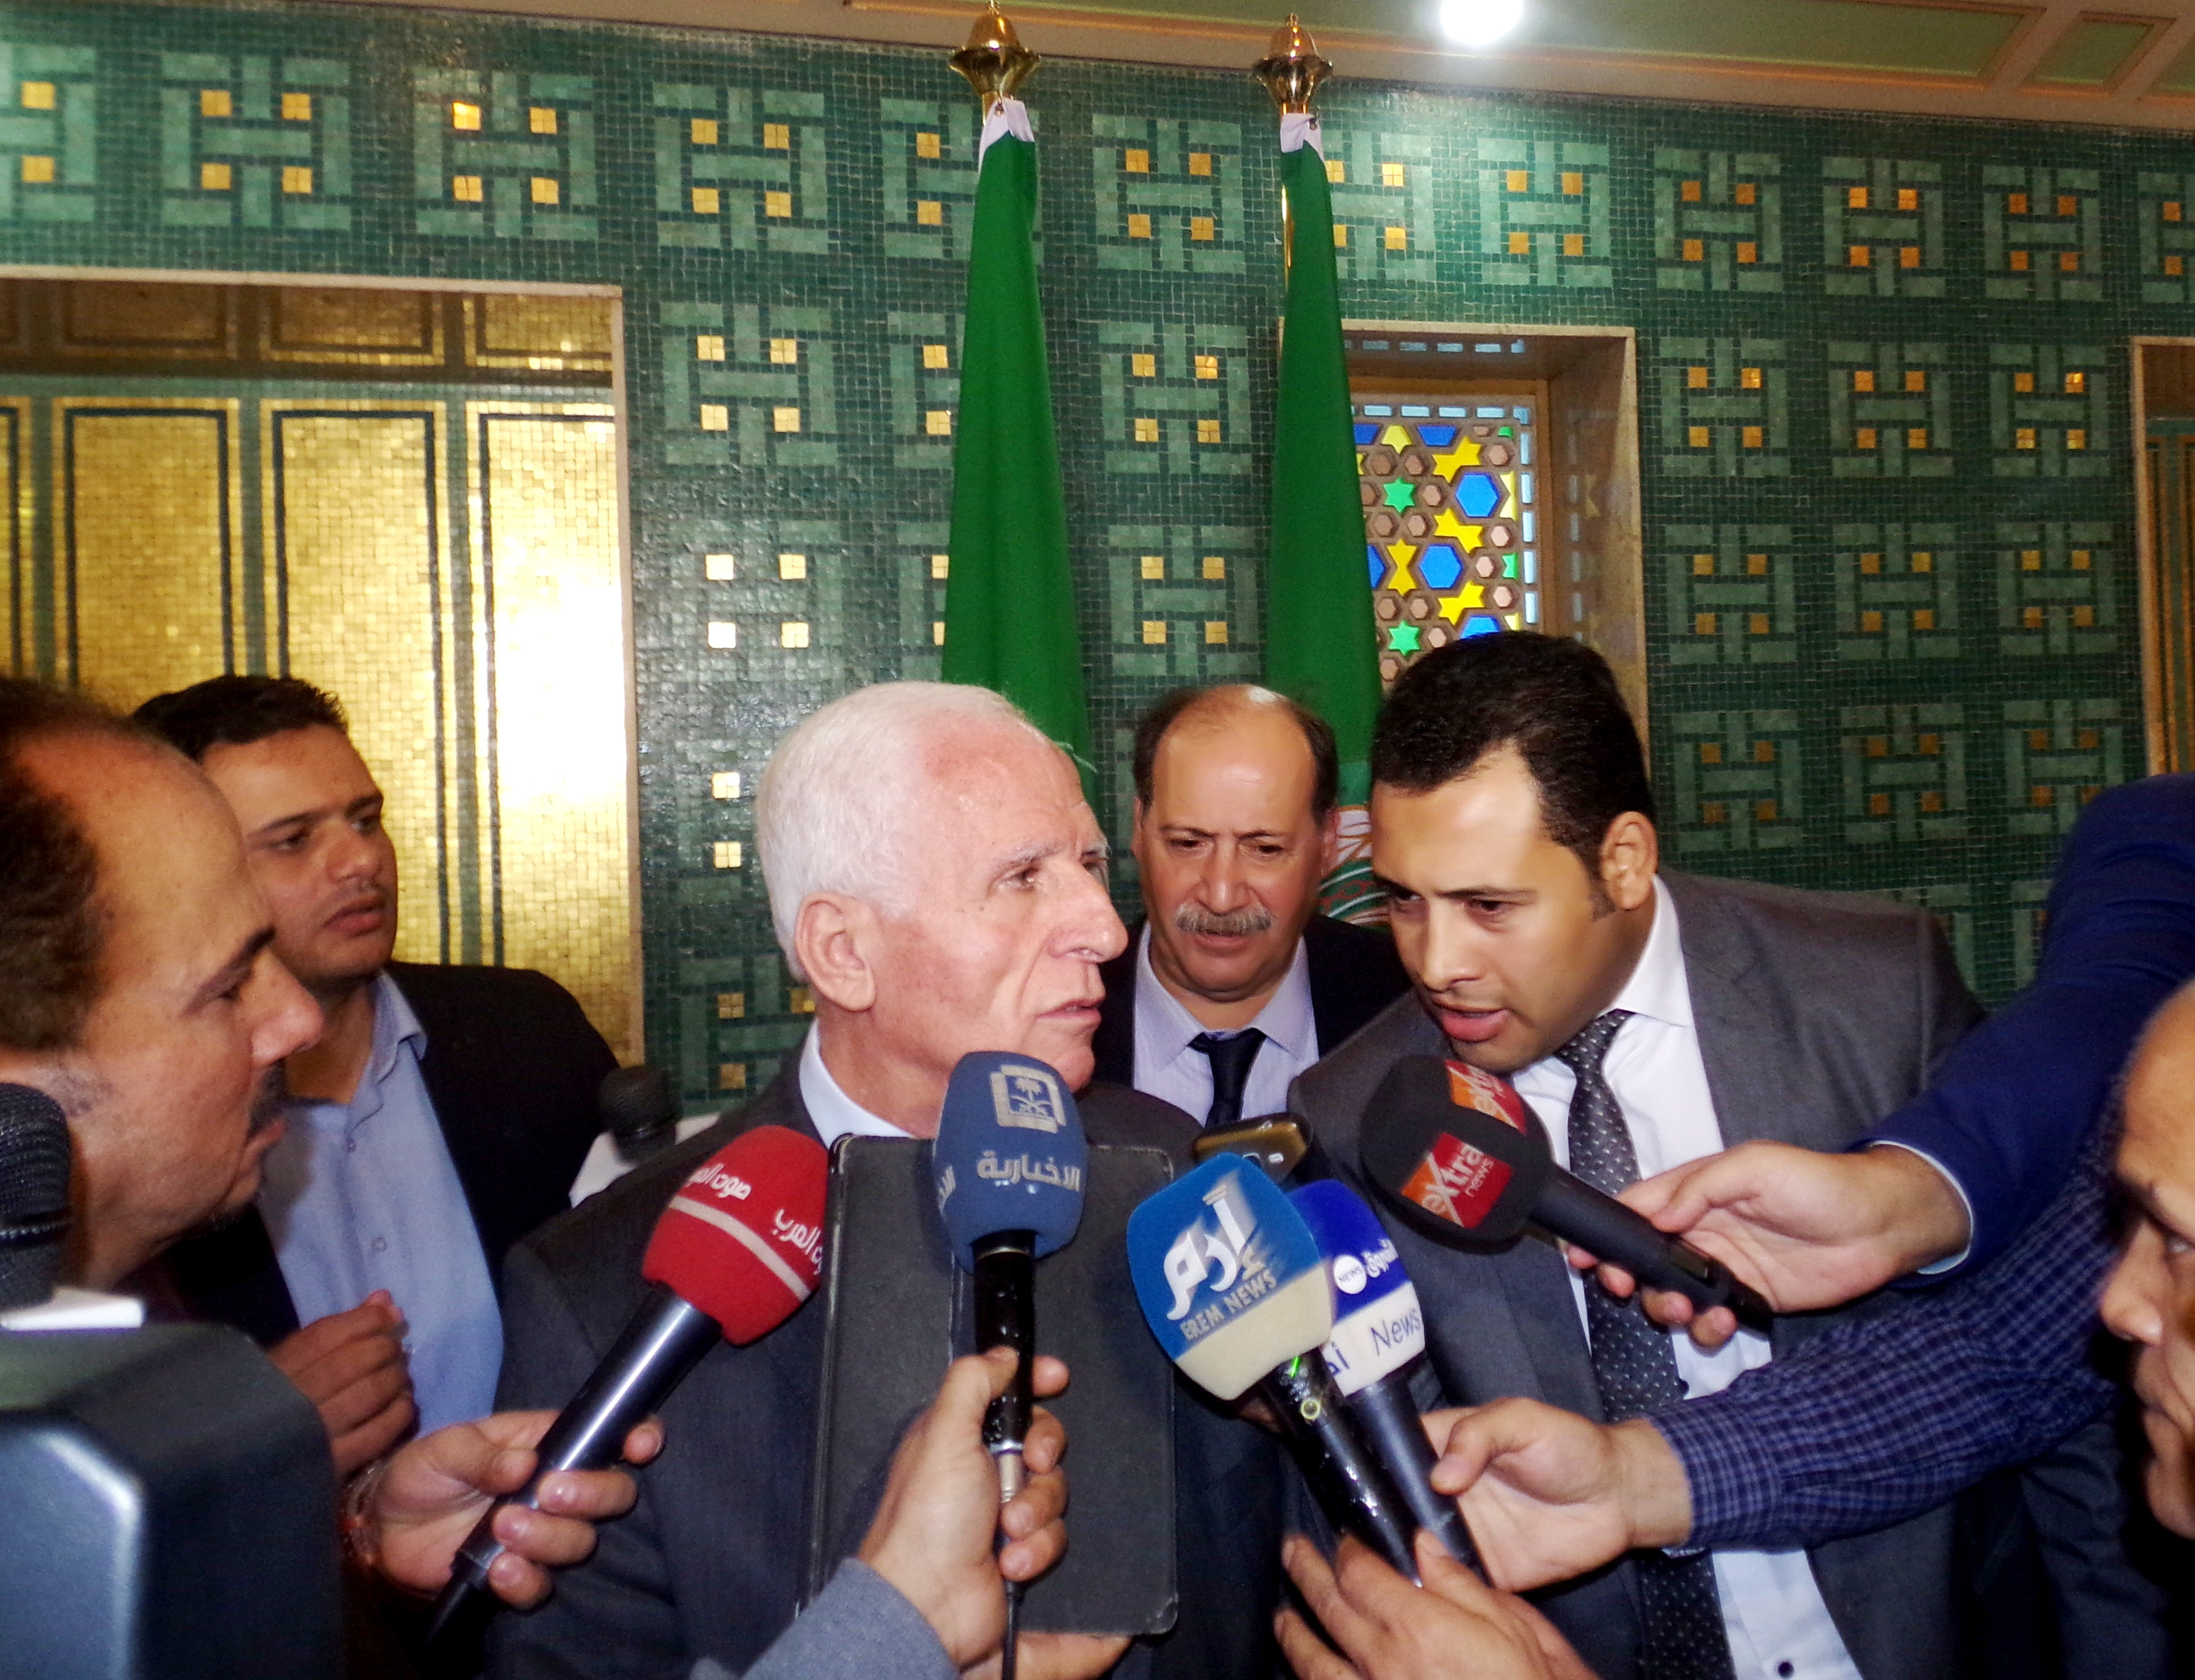 البرلمان العربي: الولايات المتحدة أخرجت نفسها كدولة كبري من عملية السلام والخيار العسكري متاح للفلسطينيين.